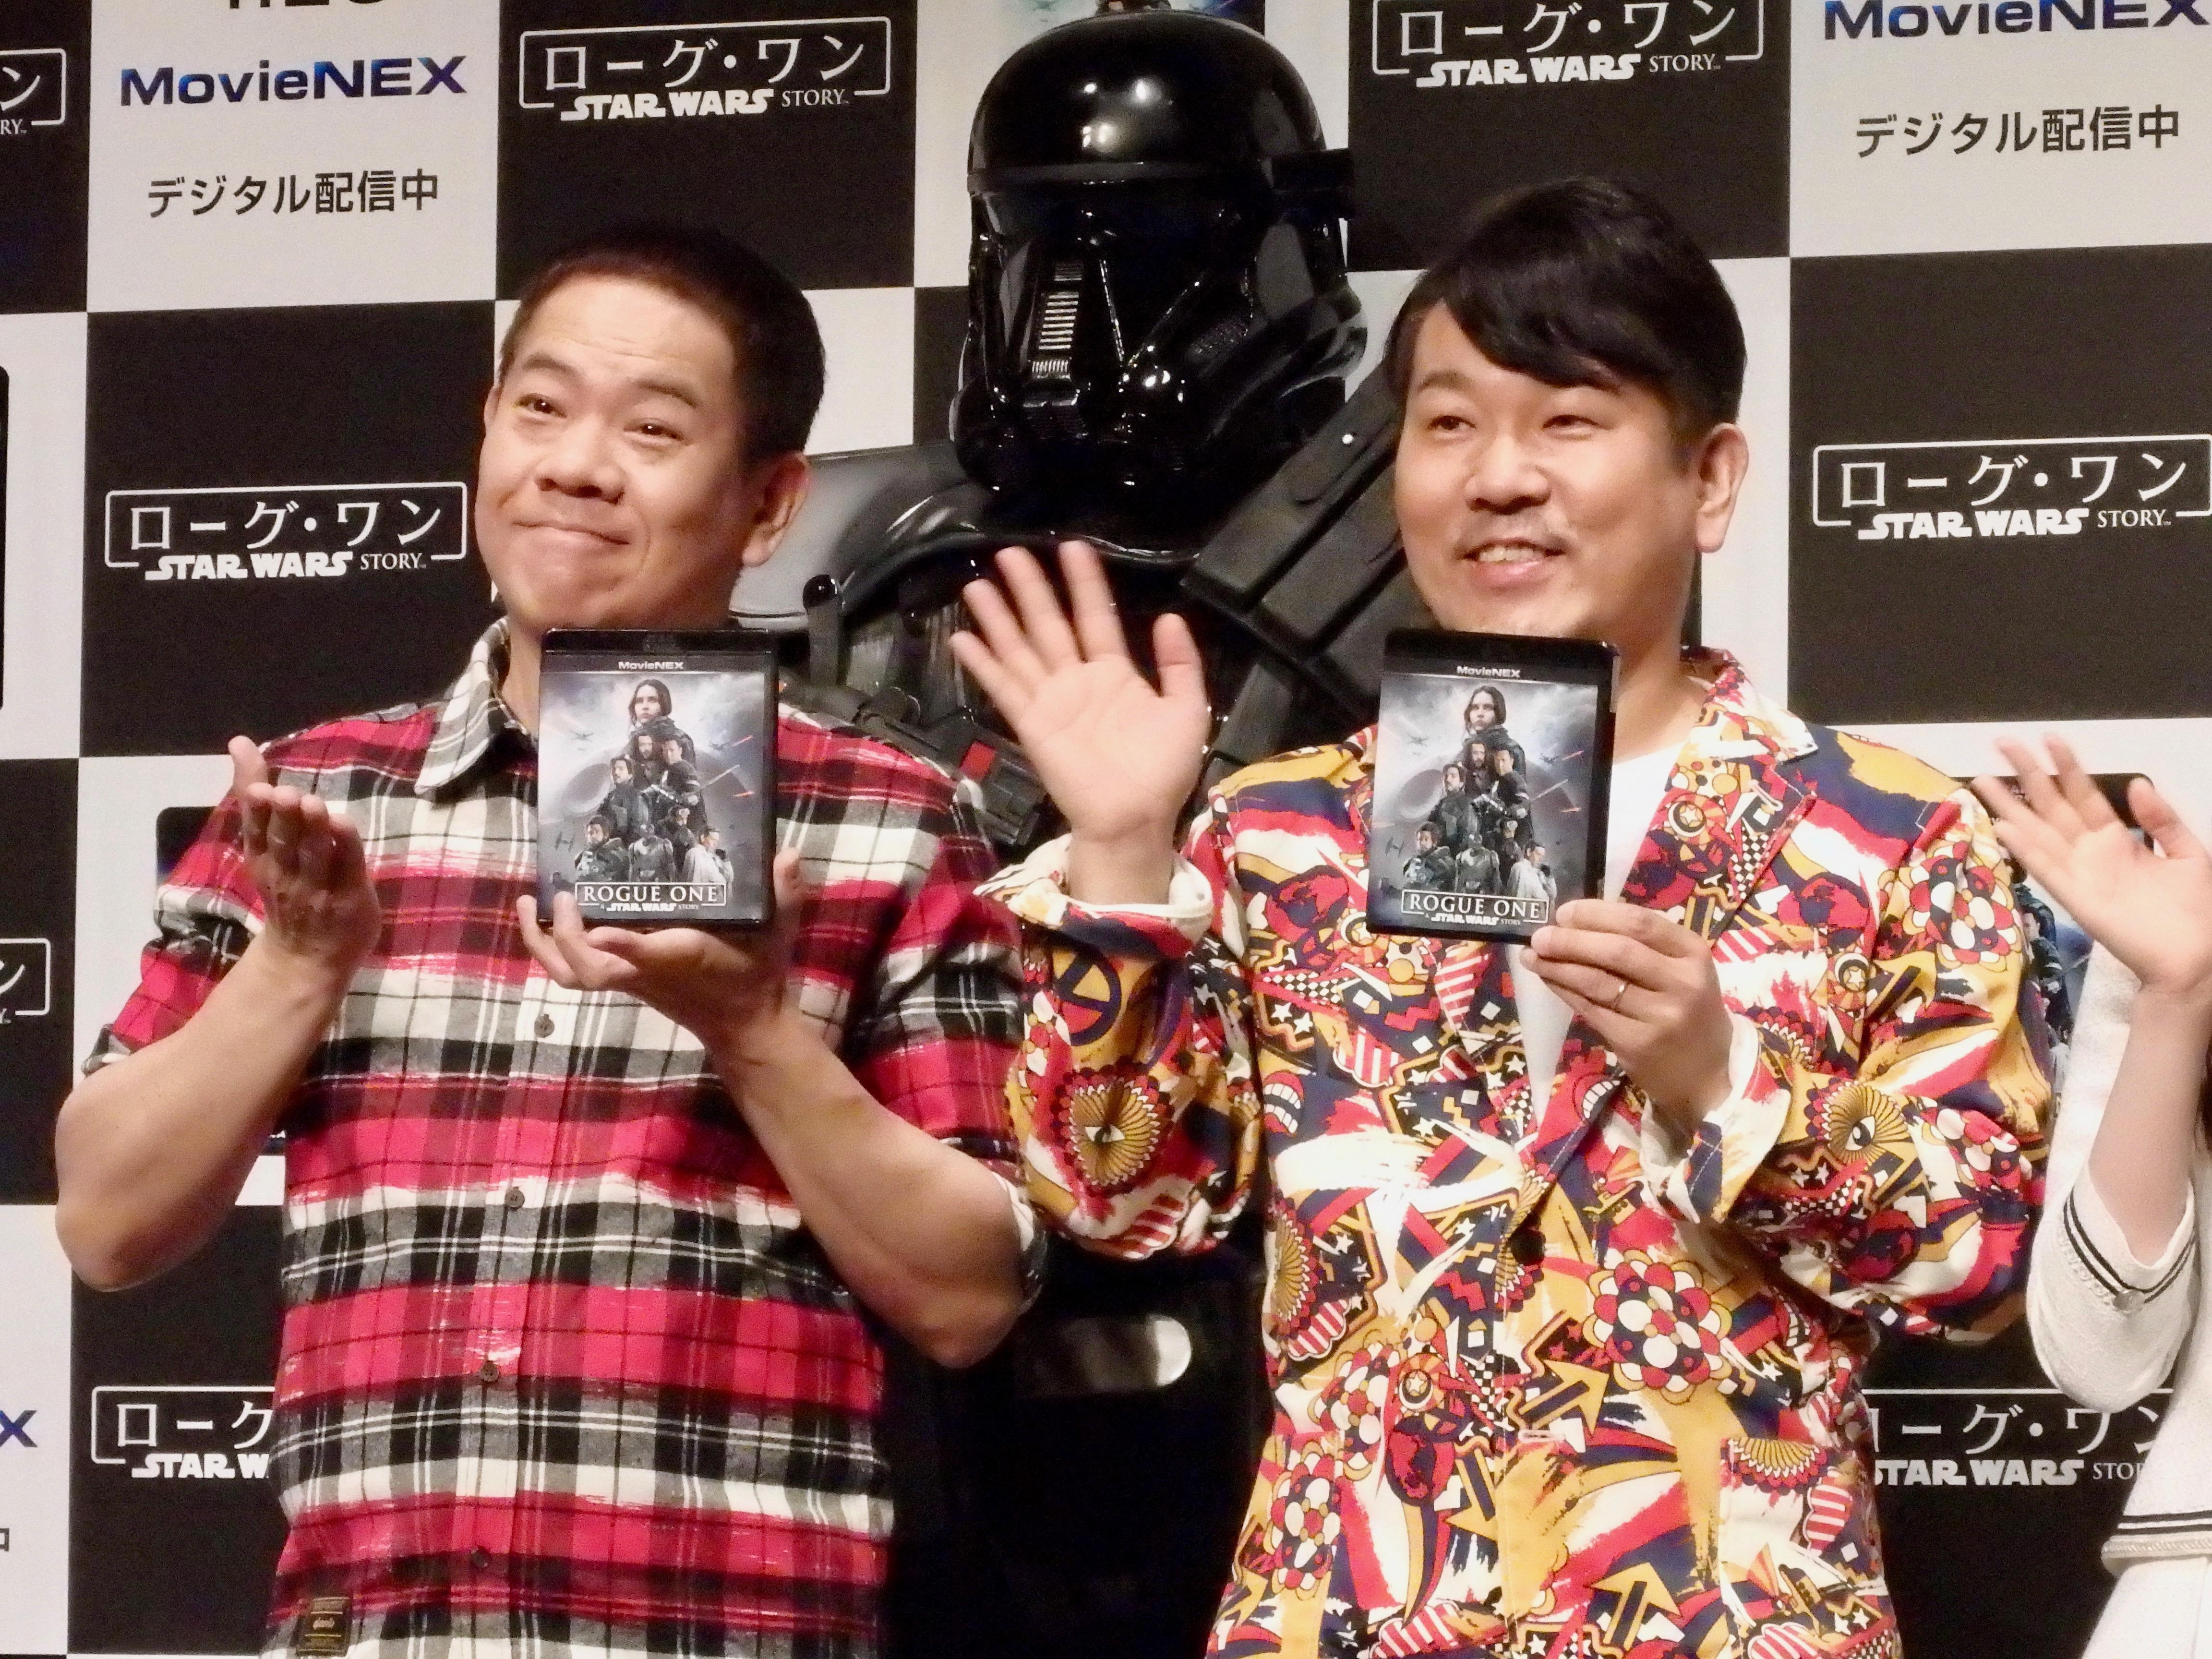 http://news.yoshimoto.co.jp/20170428000845-6cb3c9add031e119a3d6ee6ee2b1a98c46f99c7e.jpg